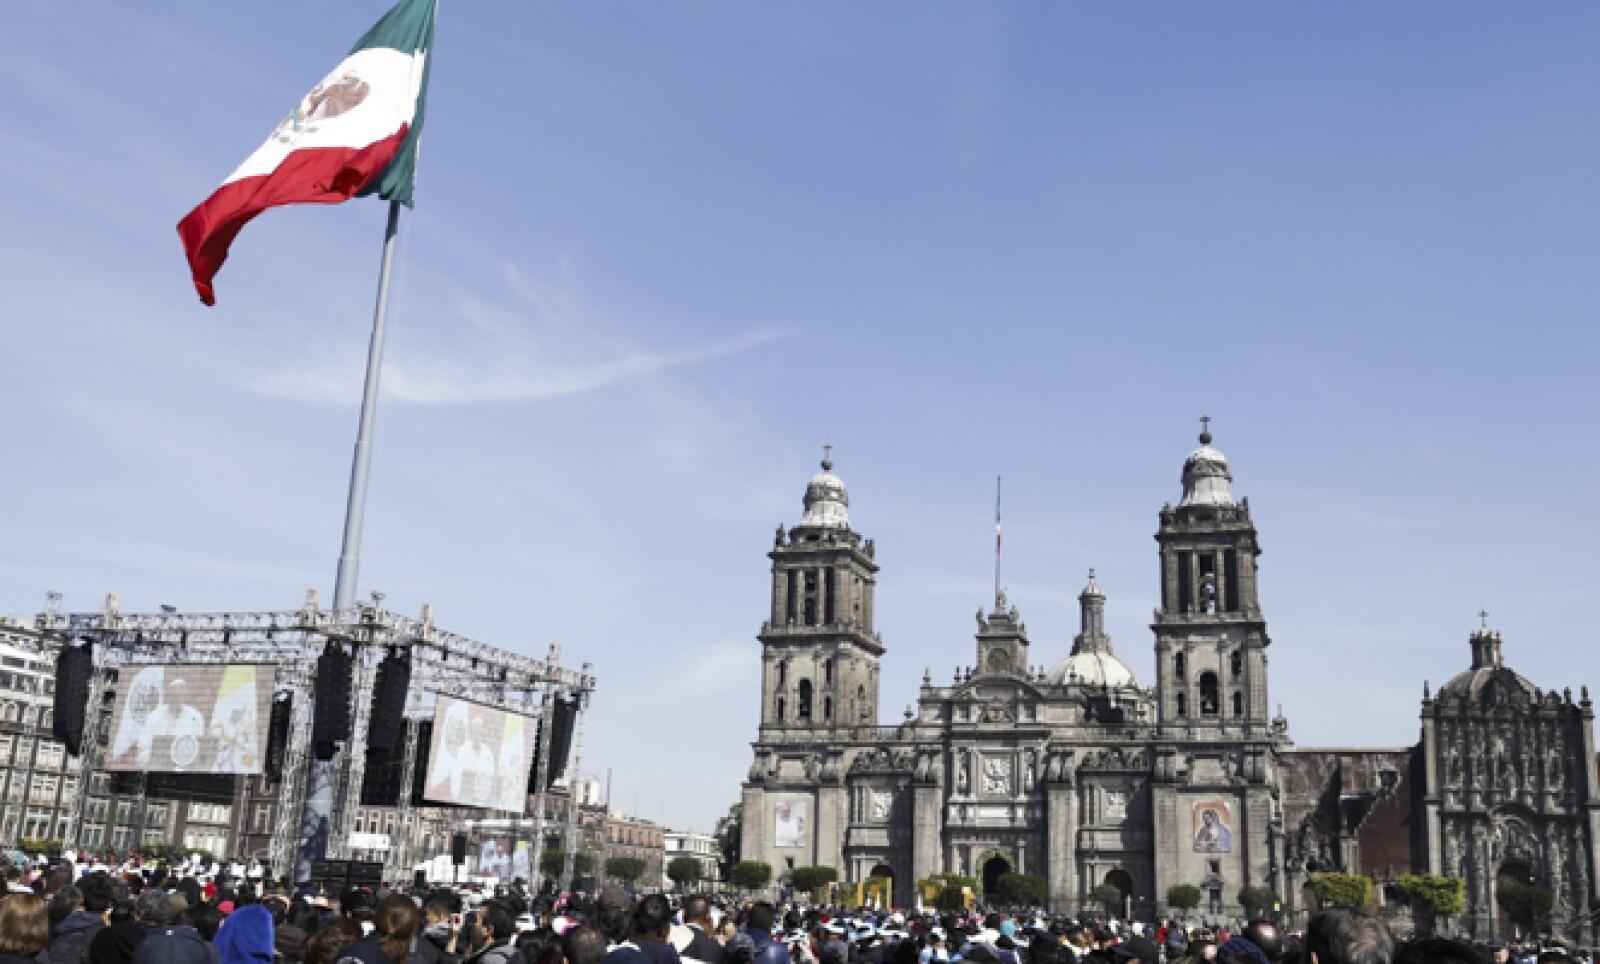 El mensaje del Papa en Palacio Nacional se transmitió a través de pantallas gigantes colocadas en el Zócalo por las autoridades.